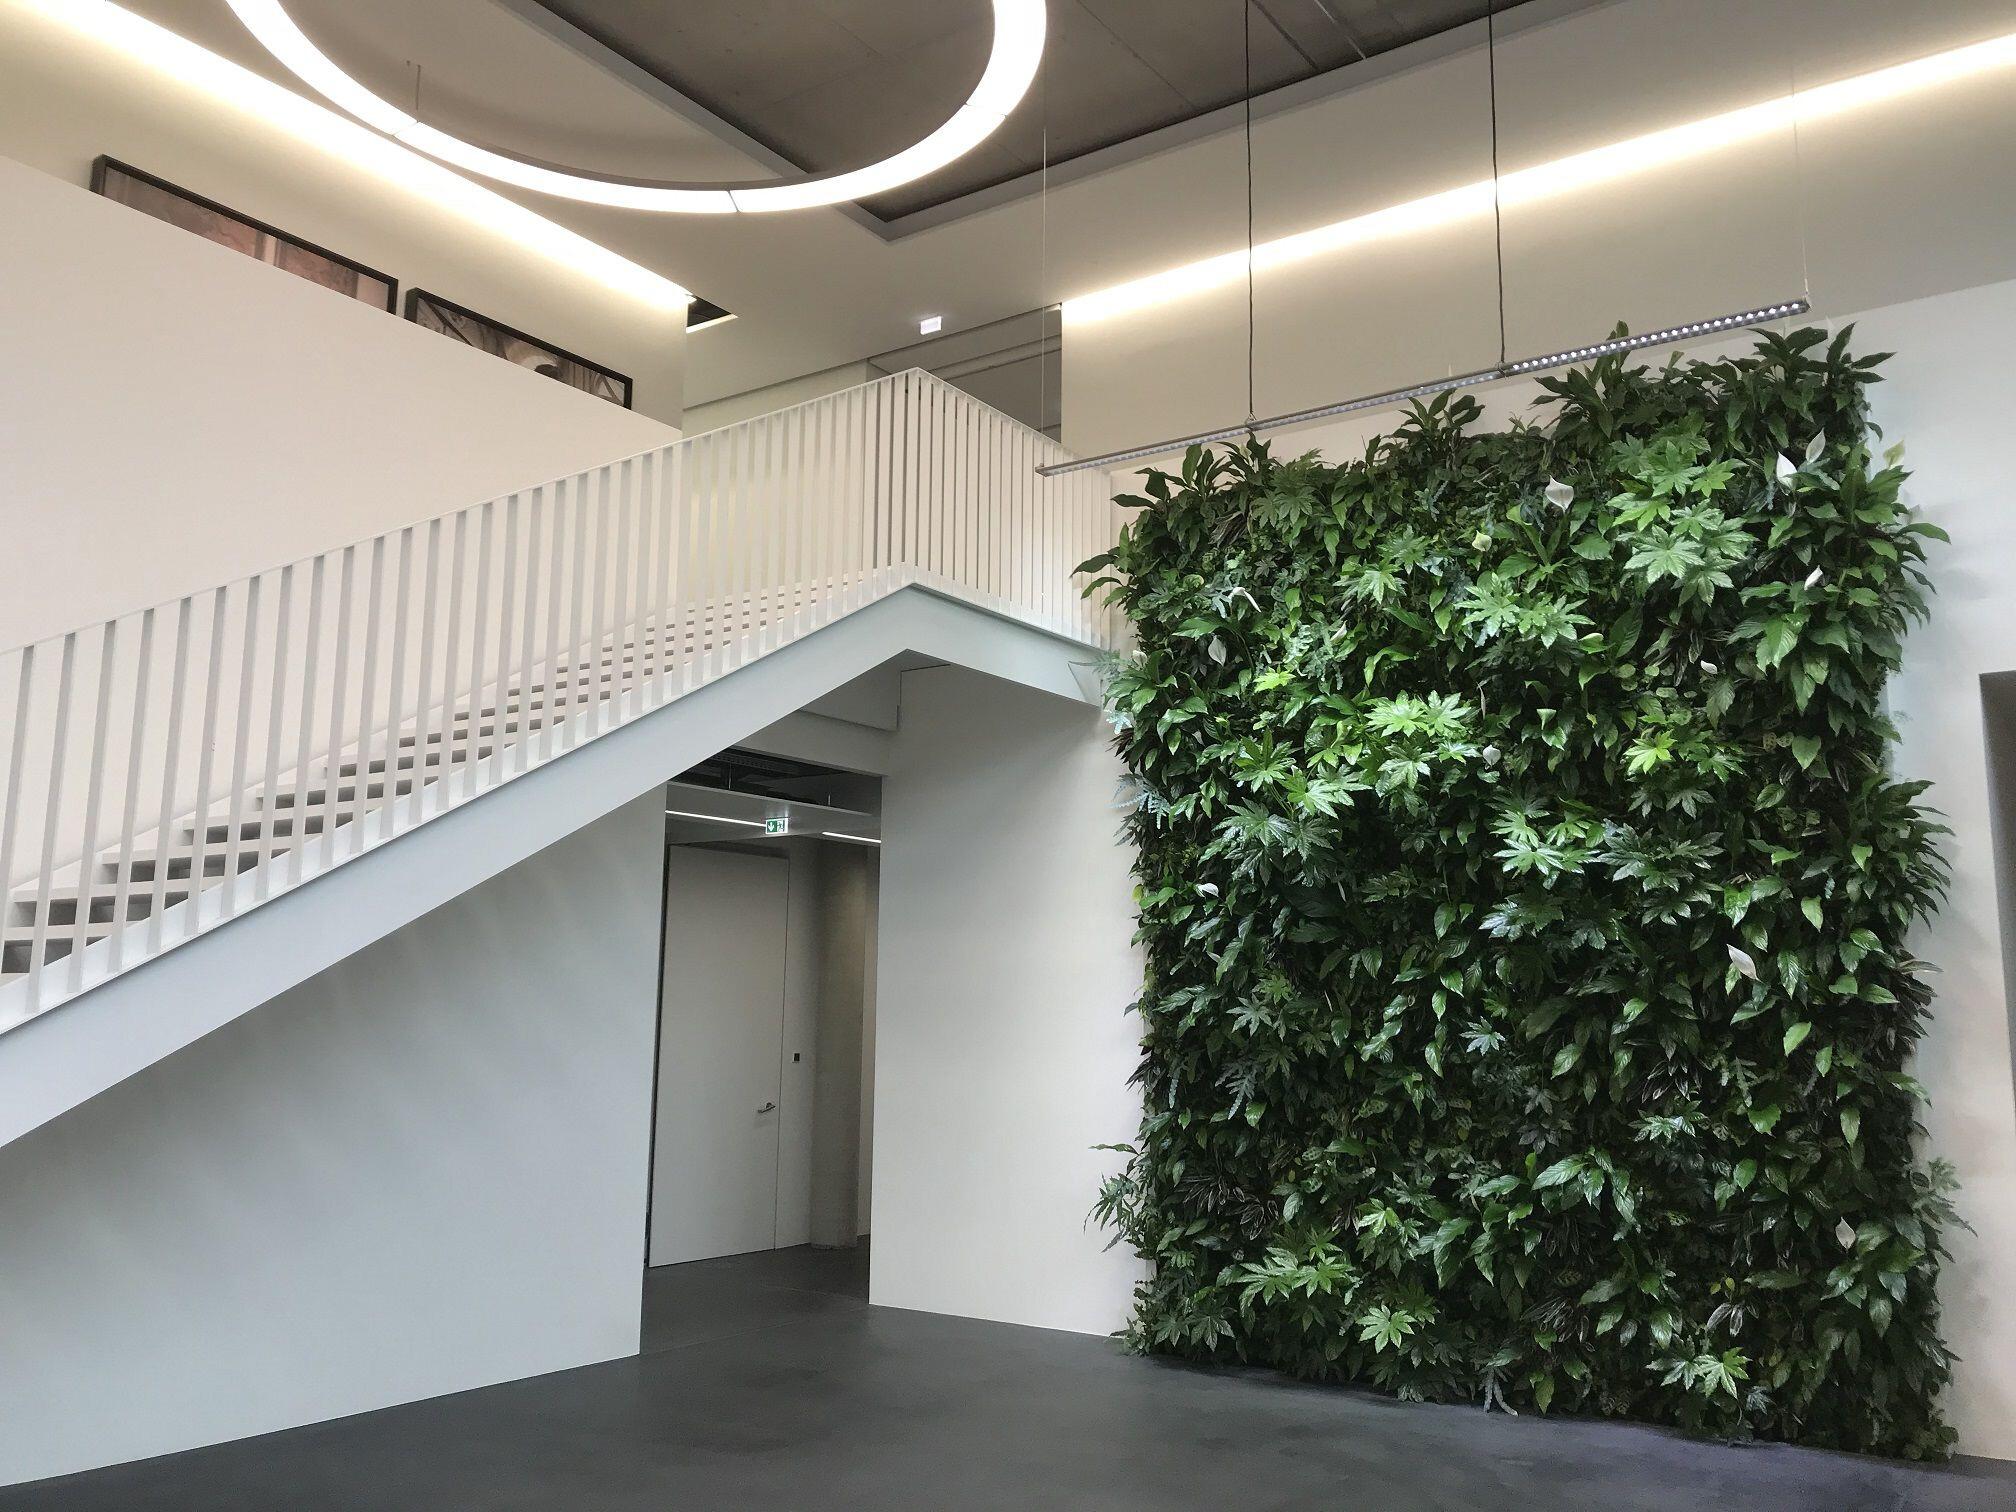 SemperGreenwall Indoor